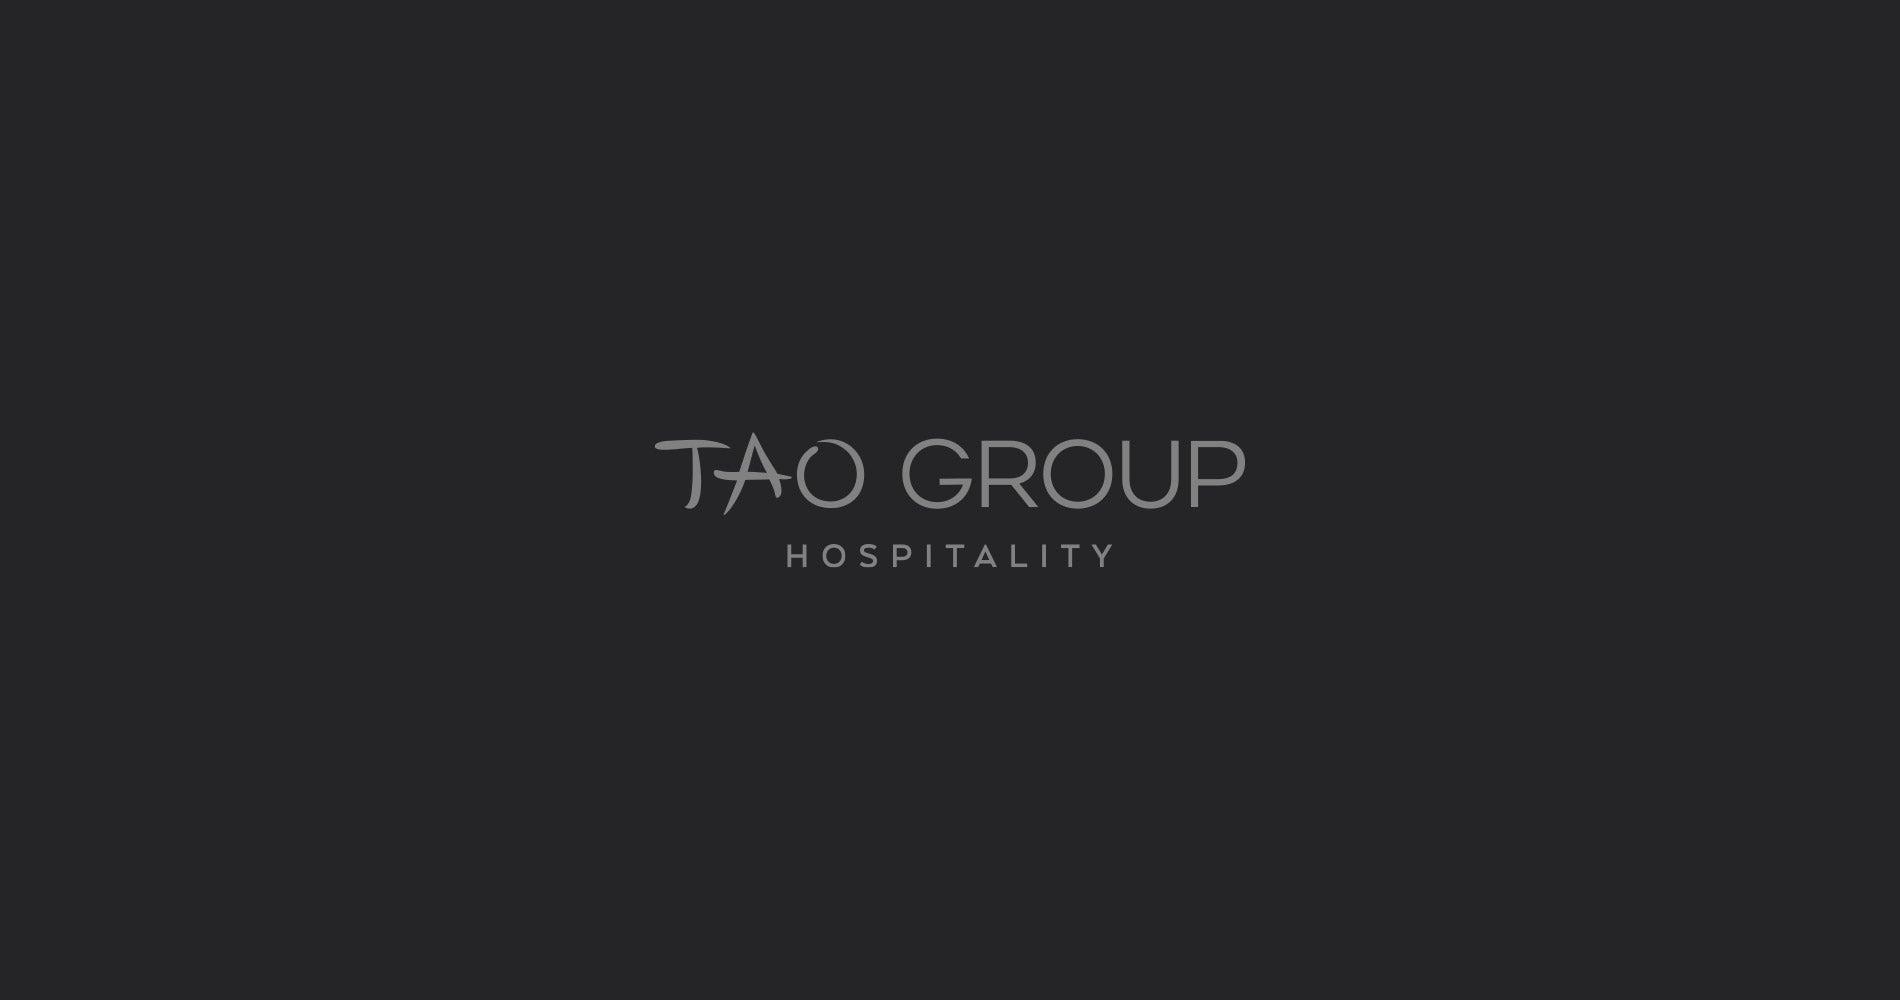 Tao Group Hospitality News